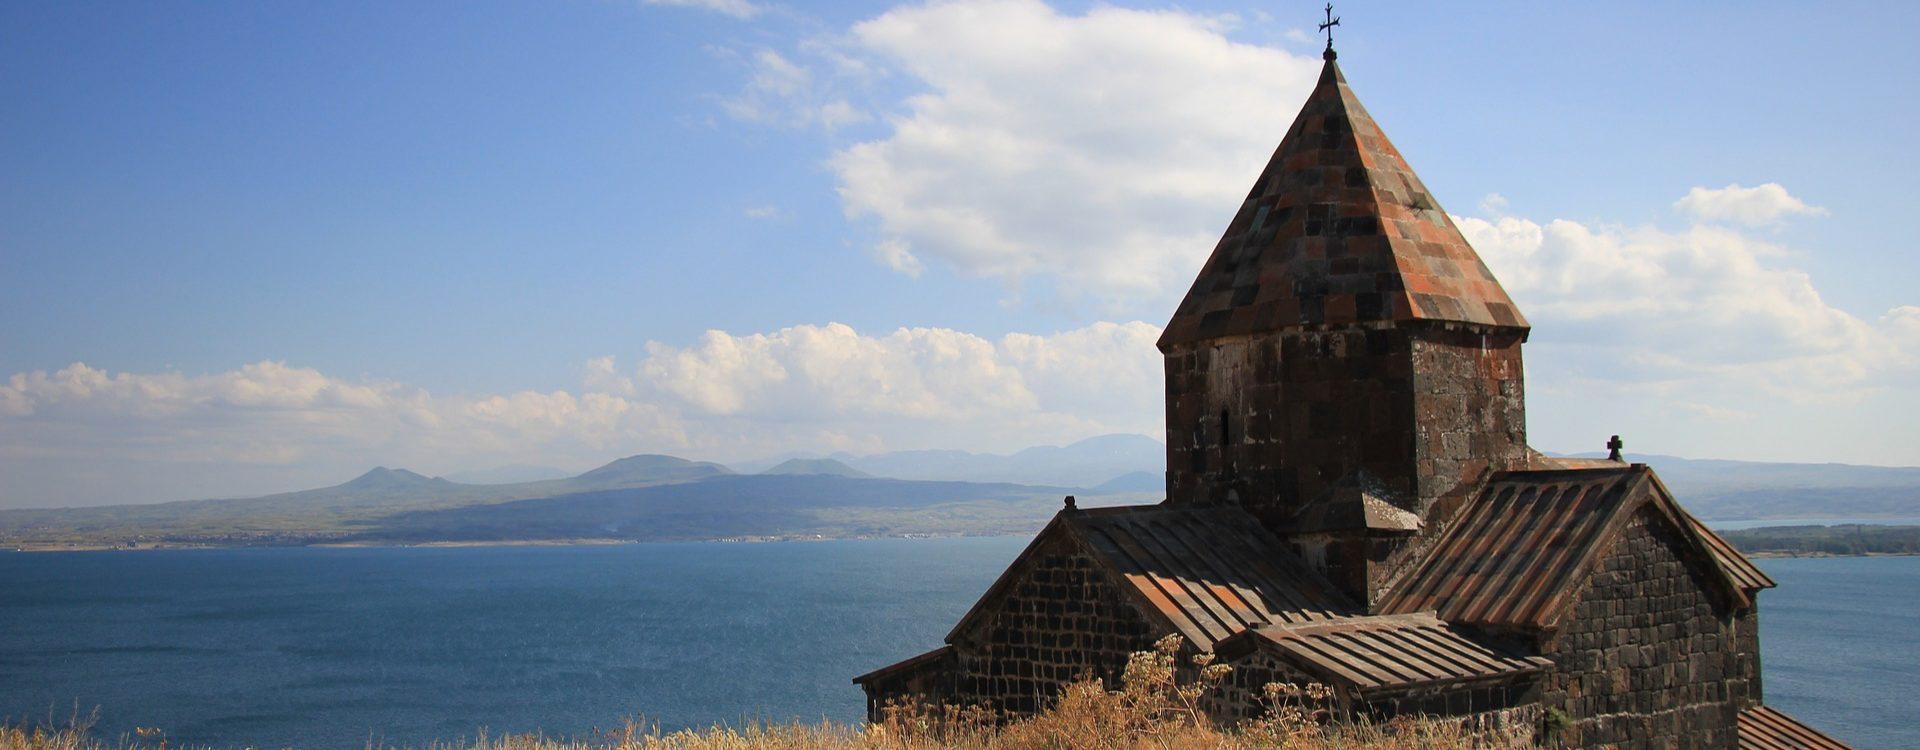 Arménie - Les plus beaux sommets - Les matins du monde